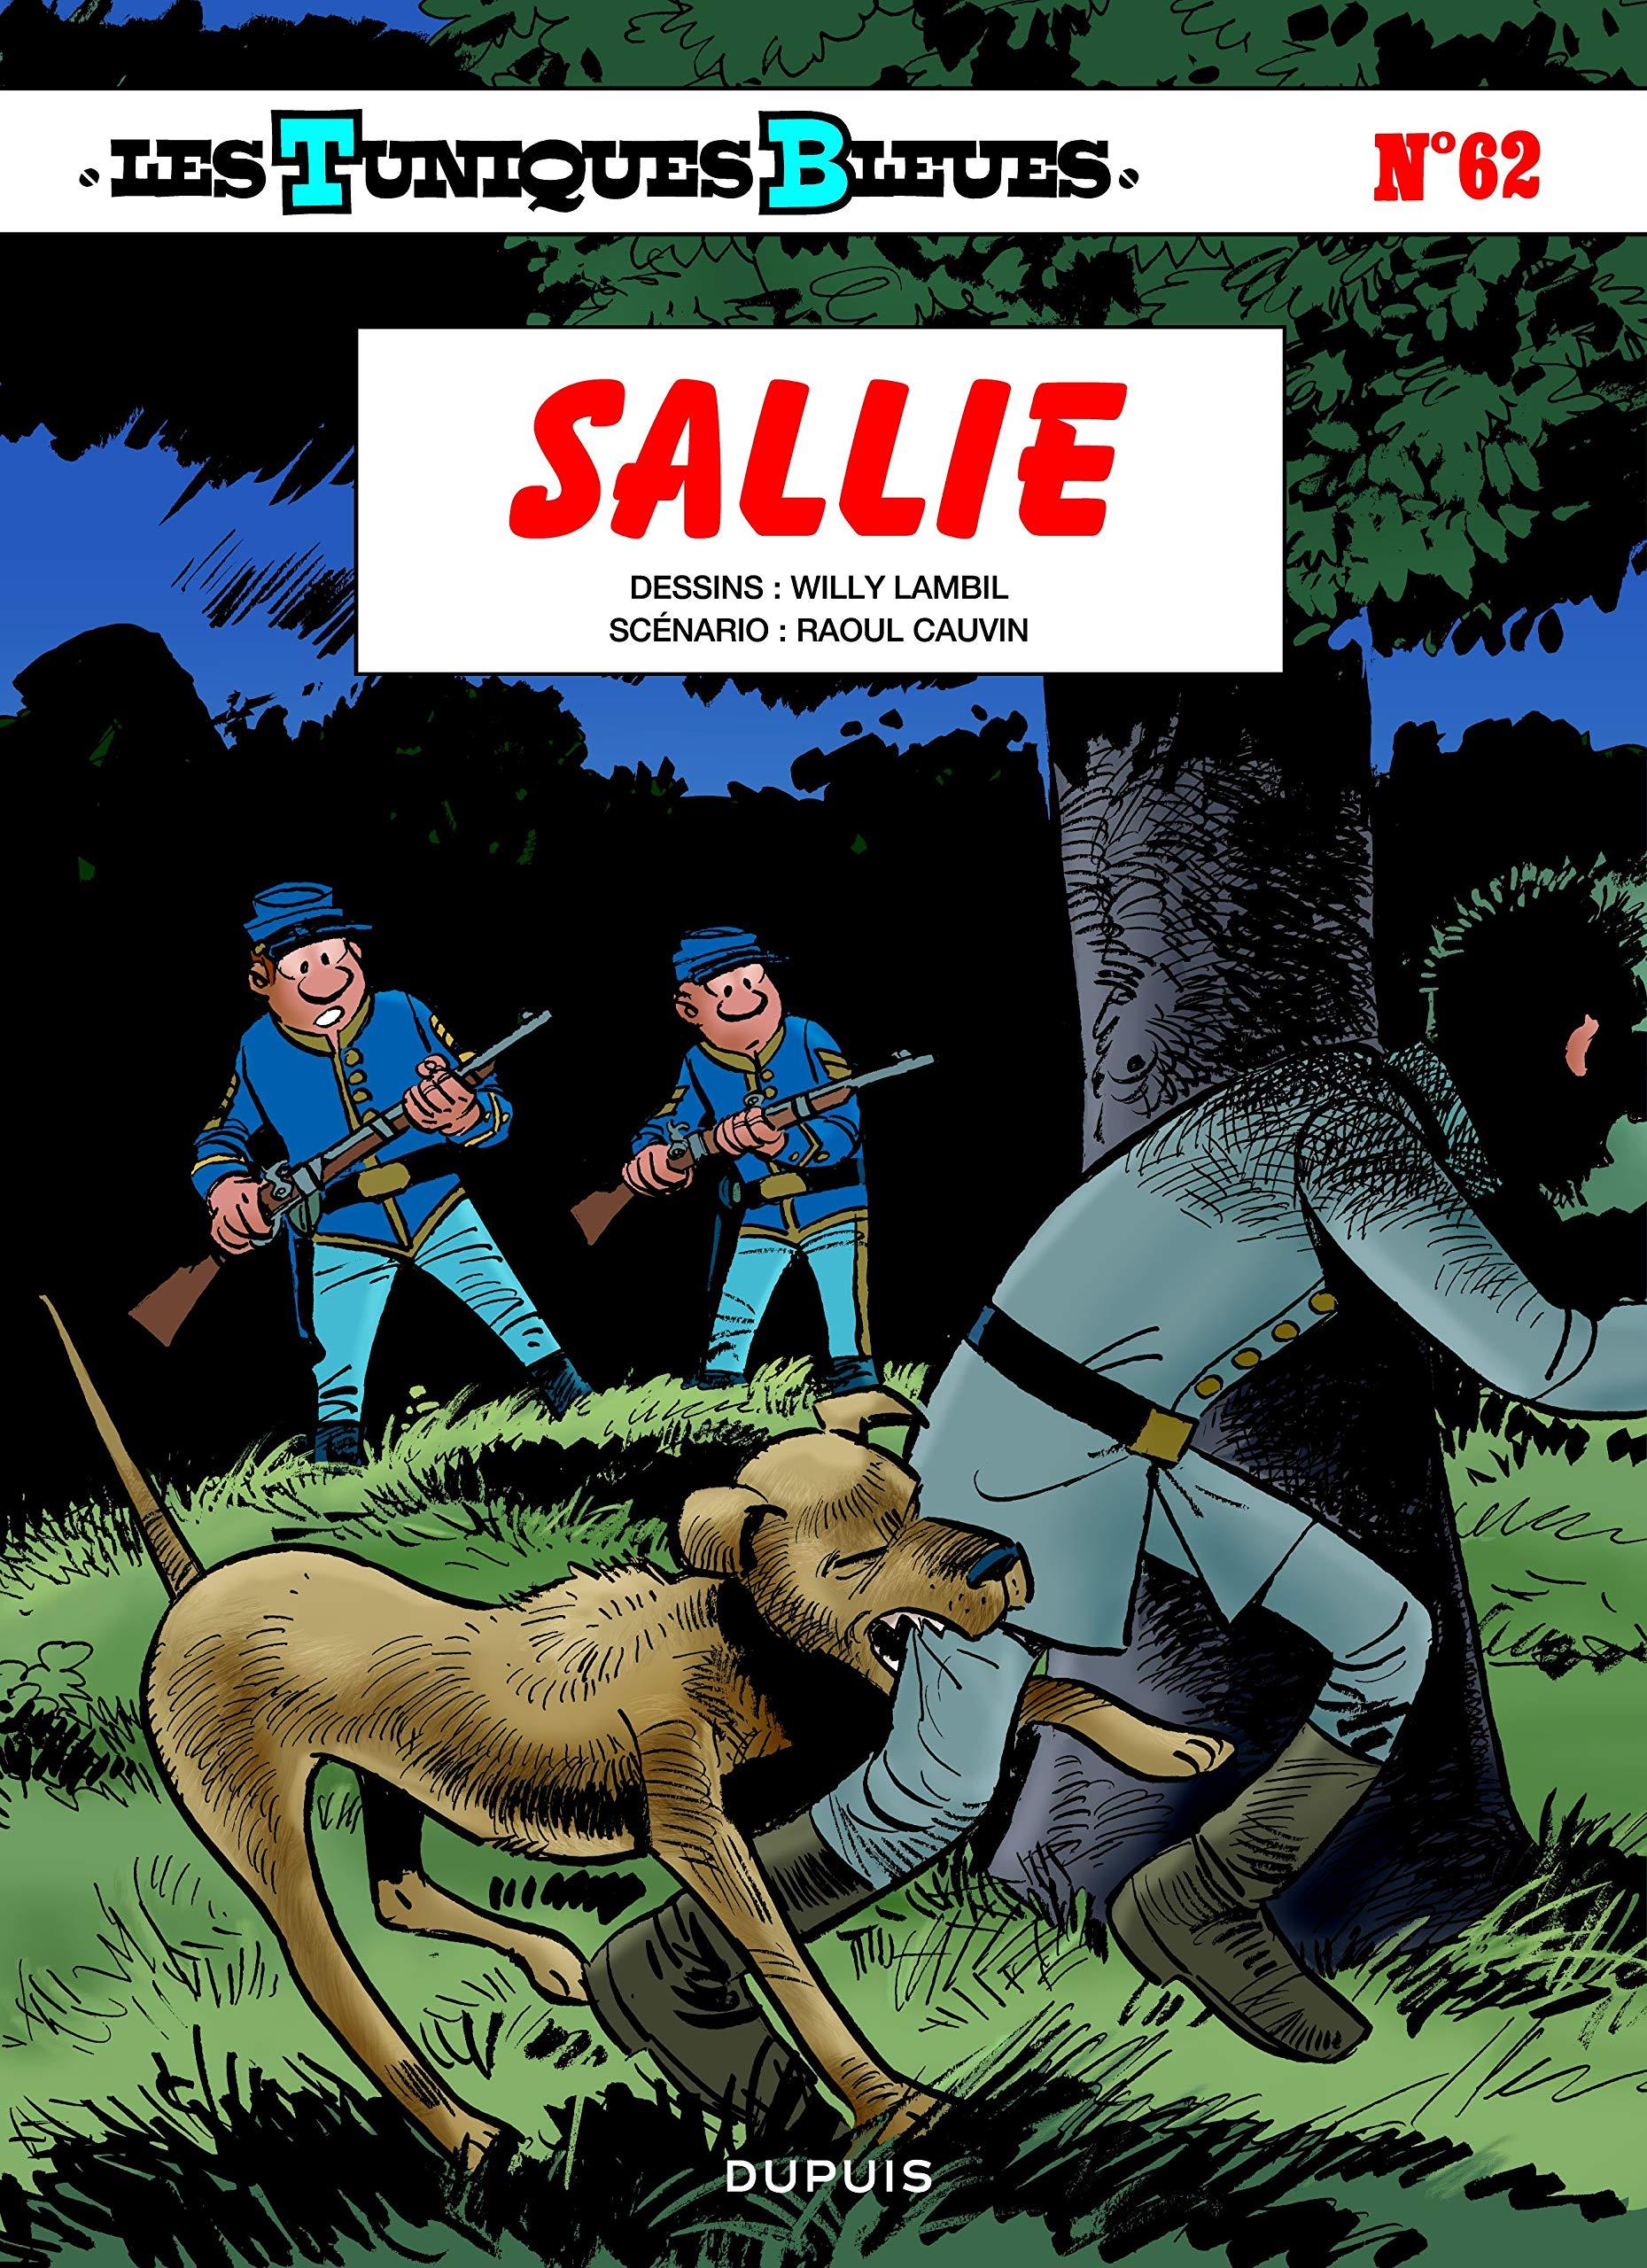 Les tuniques bleues 62 - Sallie